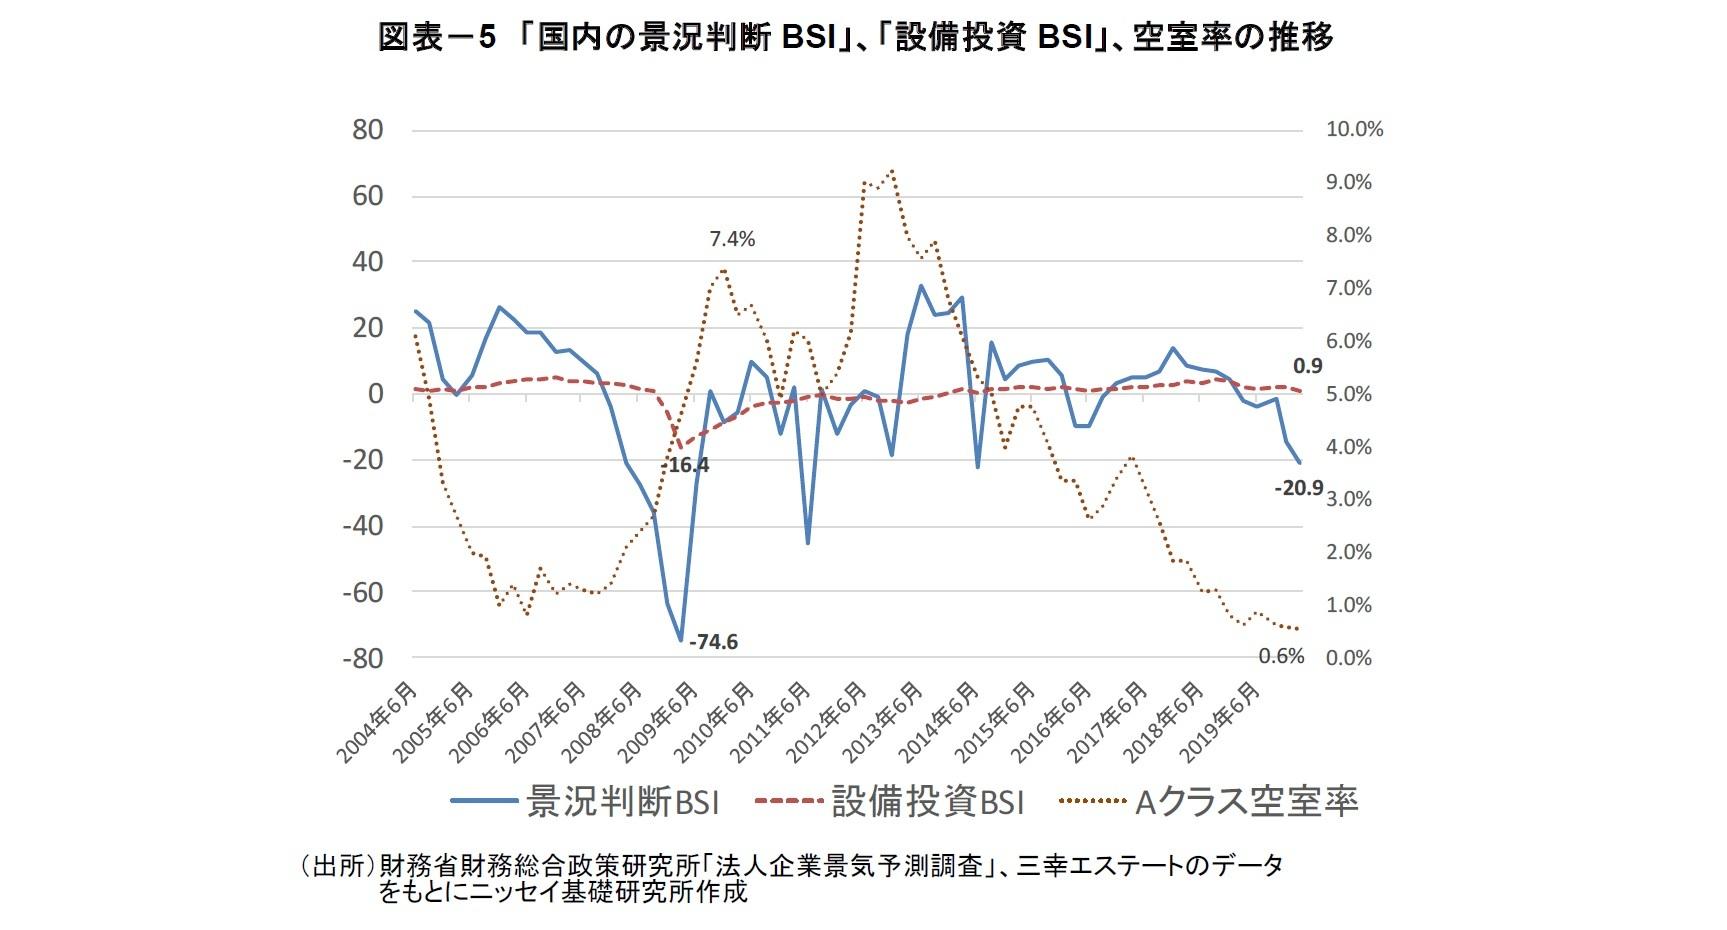 図表-5 「国内の景況判断BSI」、「設備投資BSI」、空室率の推移